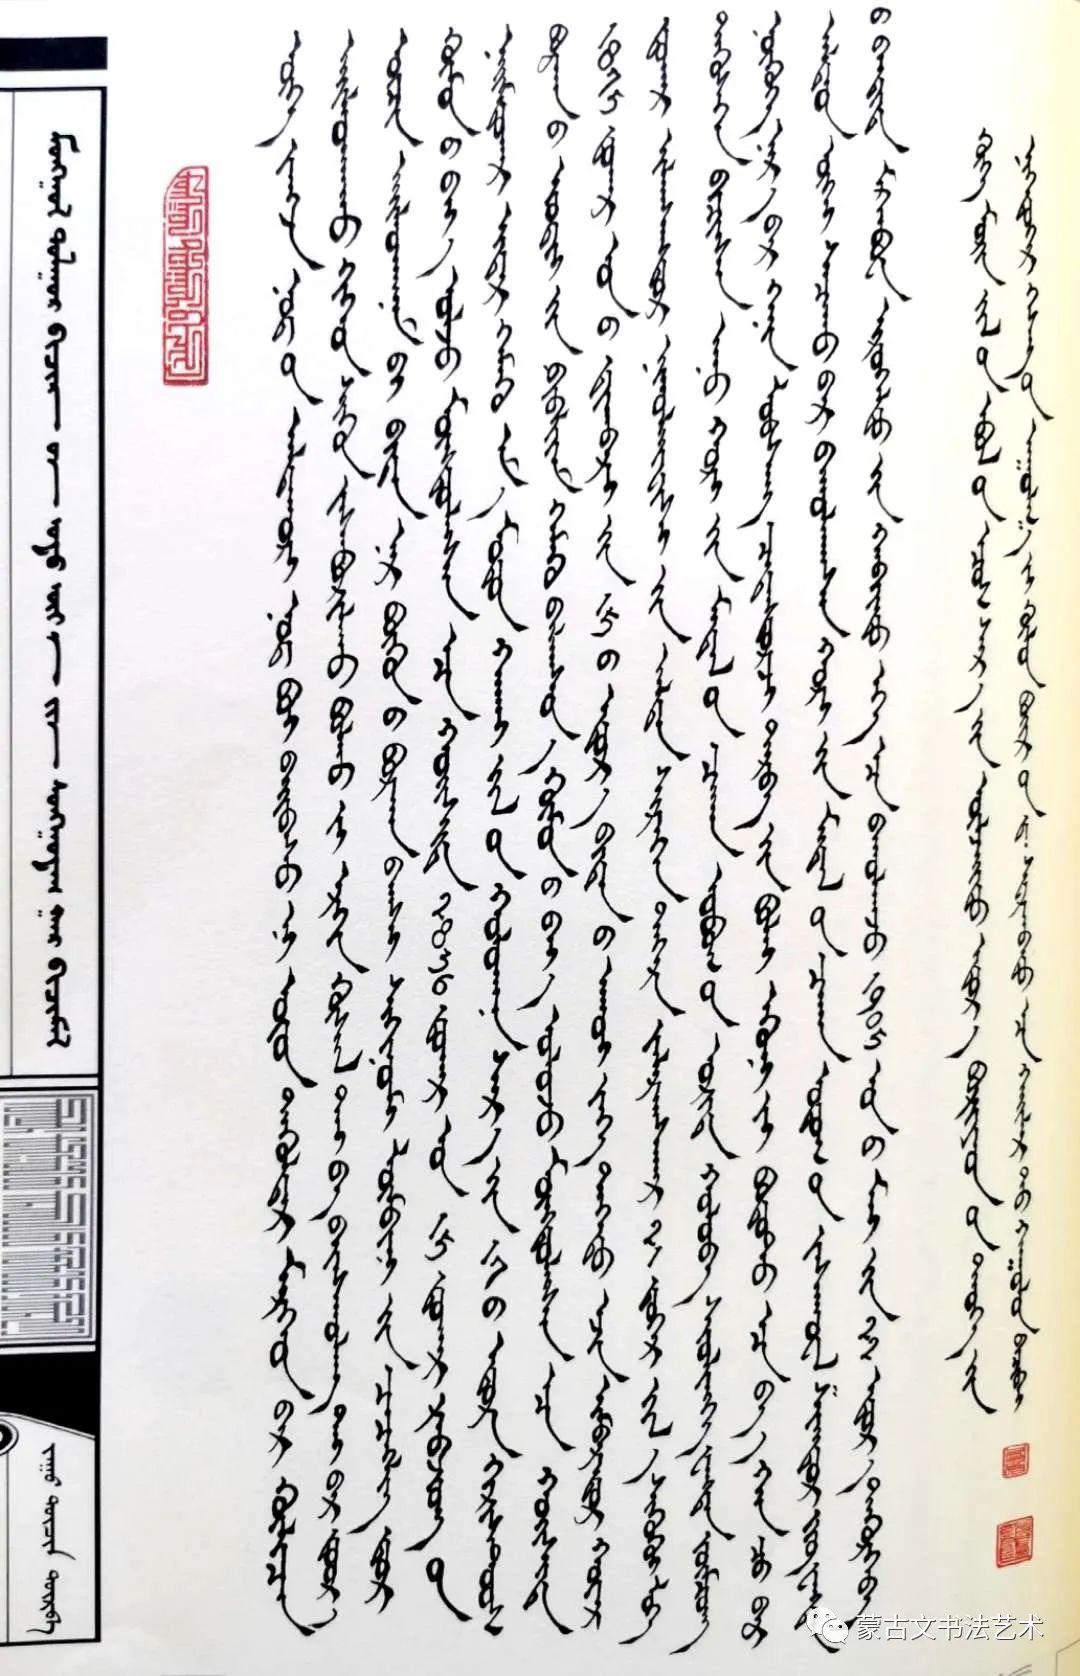 蒙古文经典文献当代书法名家手抄本之斯仁巴图《布里亚特史》 第11张 蒙古文经典文献当代书法名家手抄本之斯仁巴图《布里亚特史》 蒙古书法